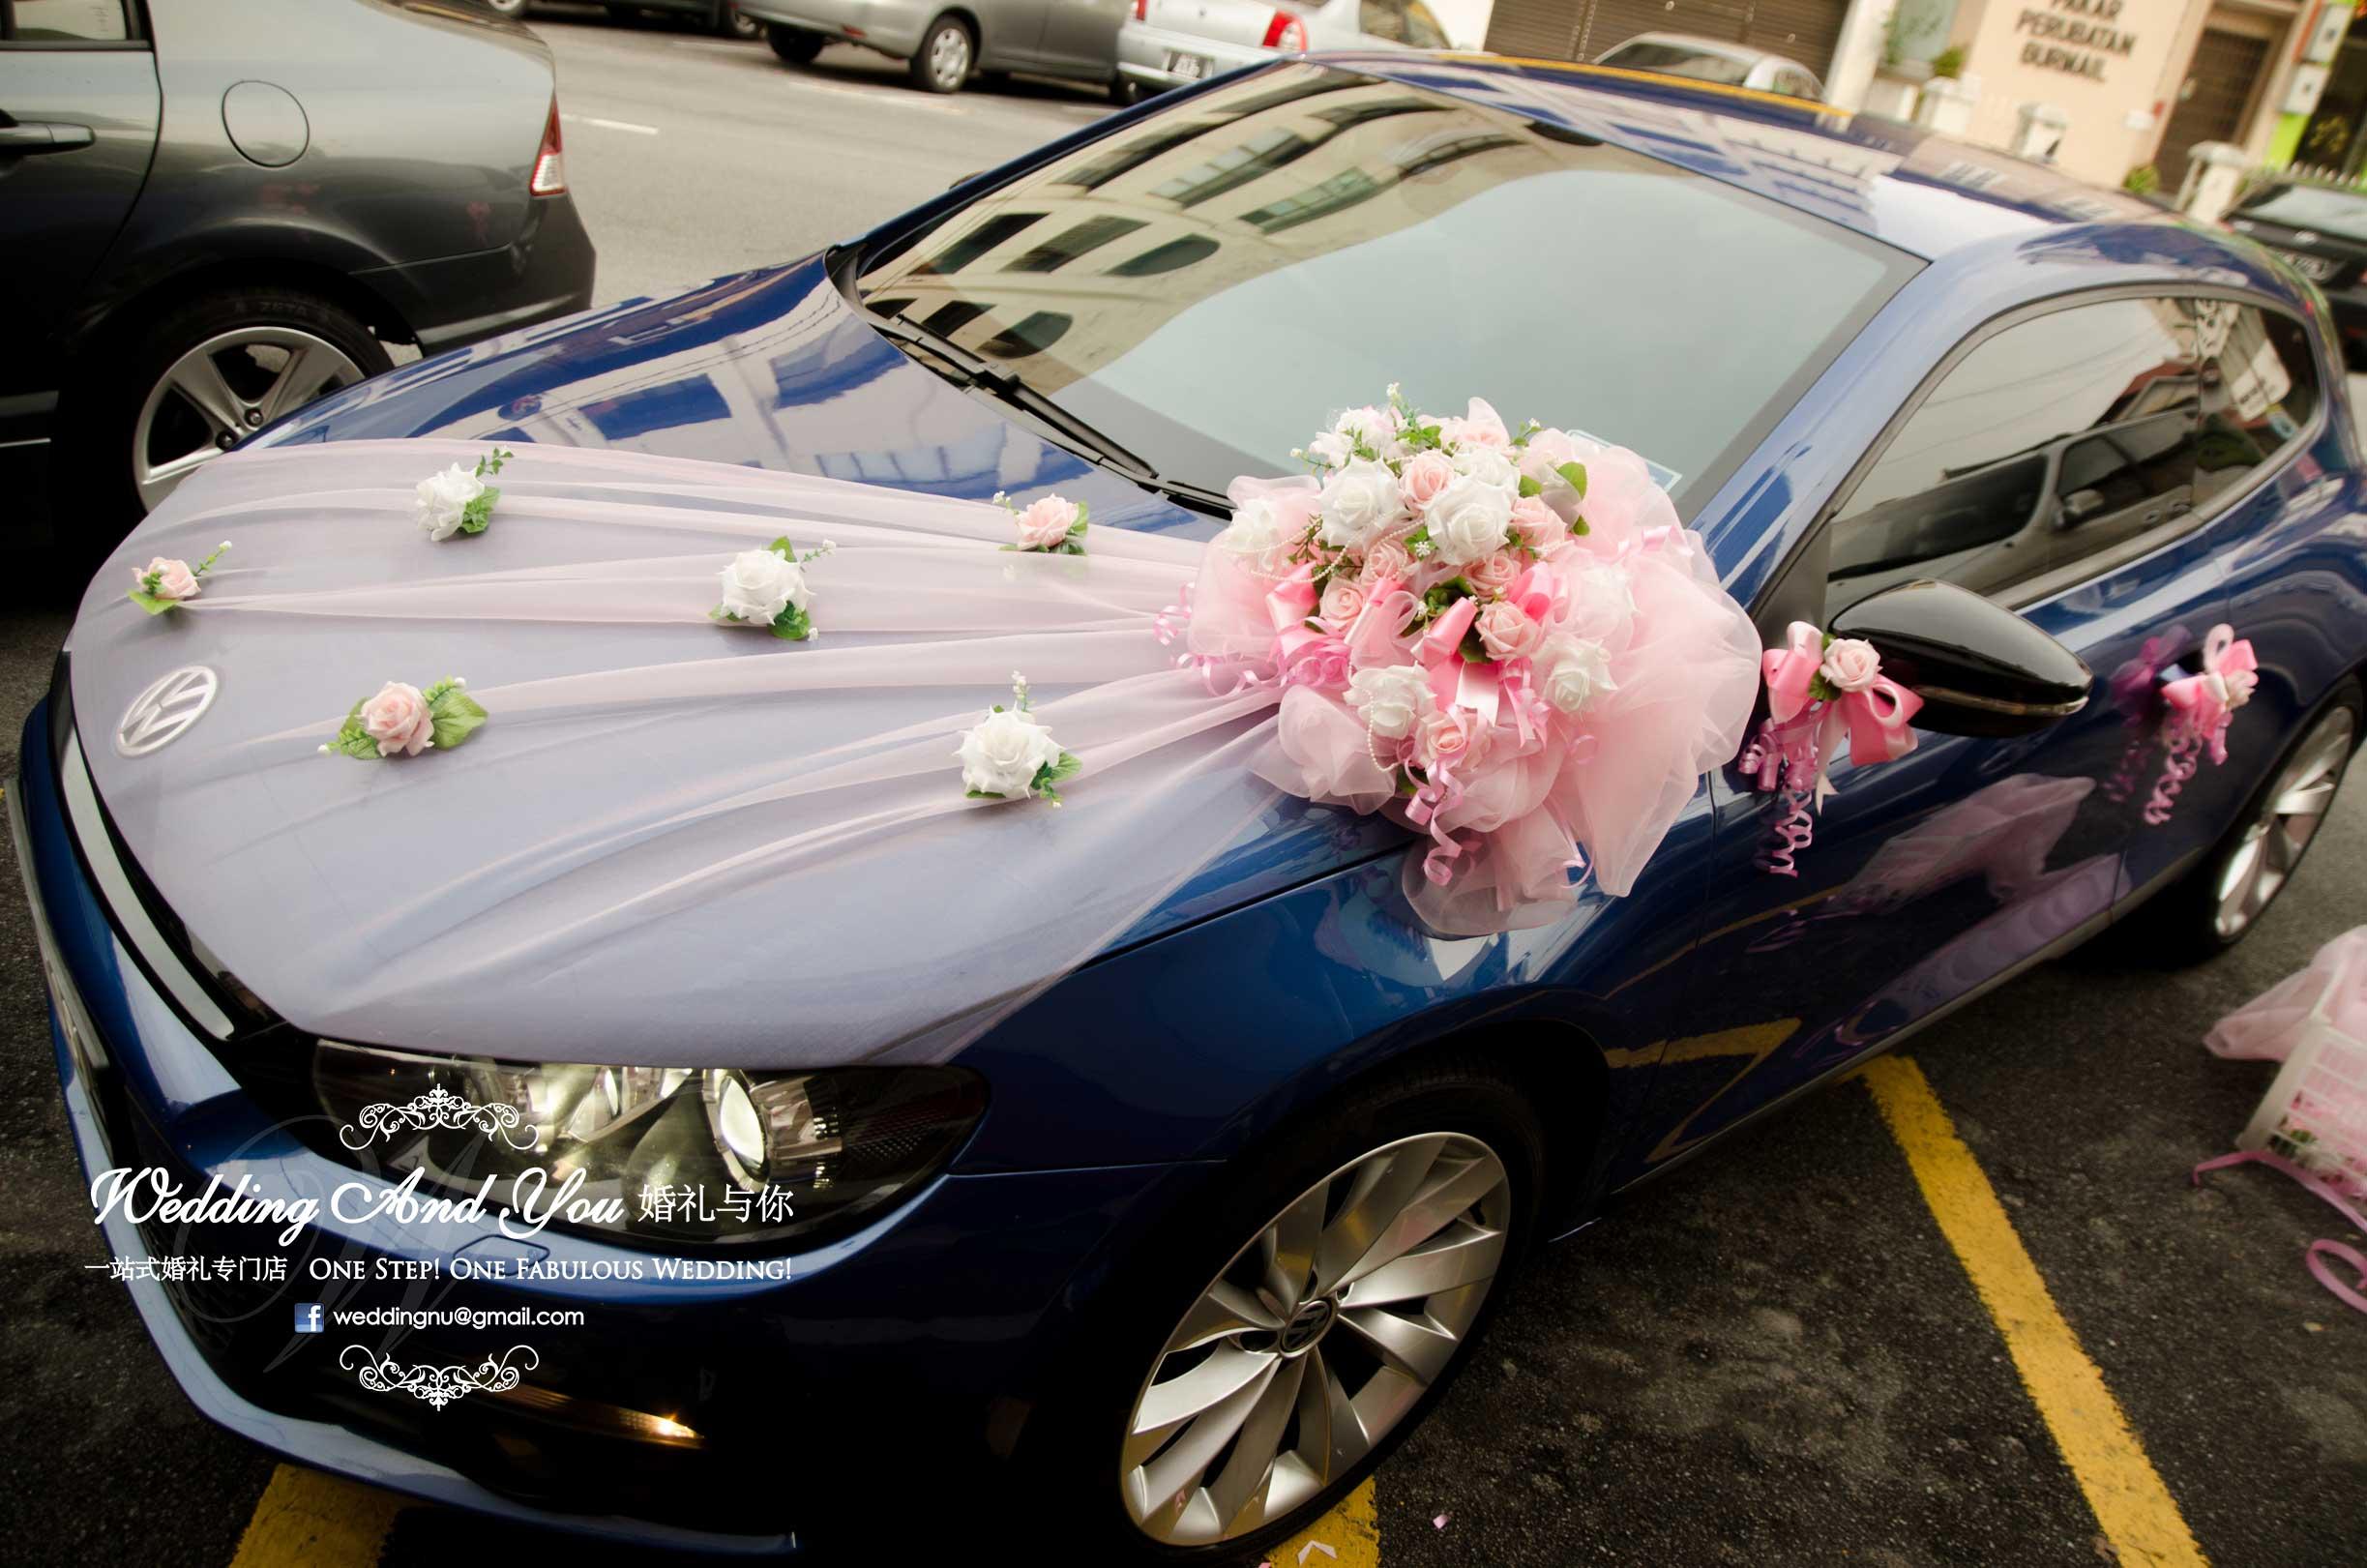 زیباترین مدل تزیین ماشین عروس لوکس با تور